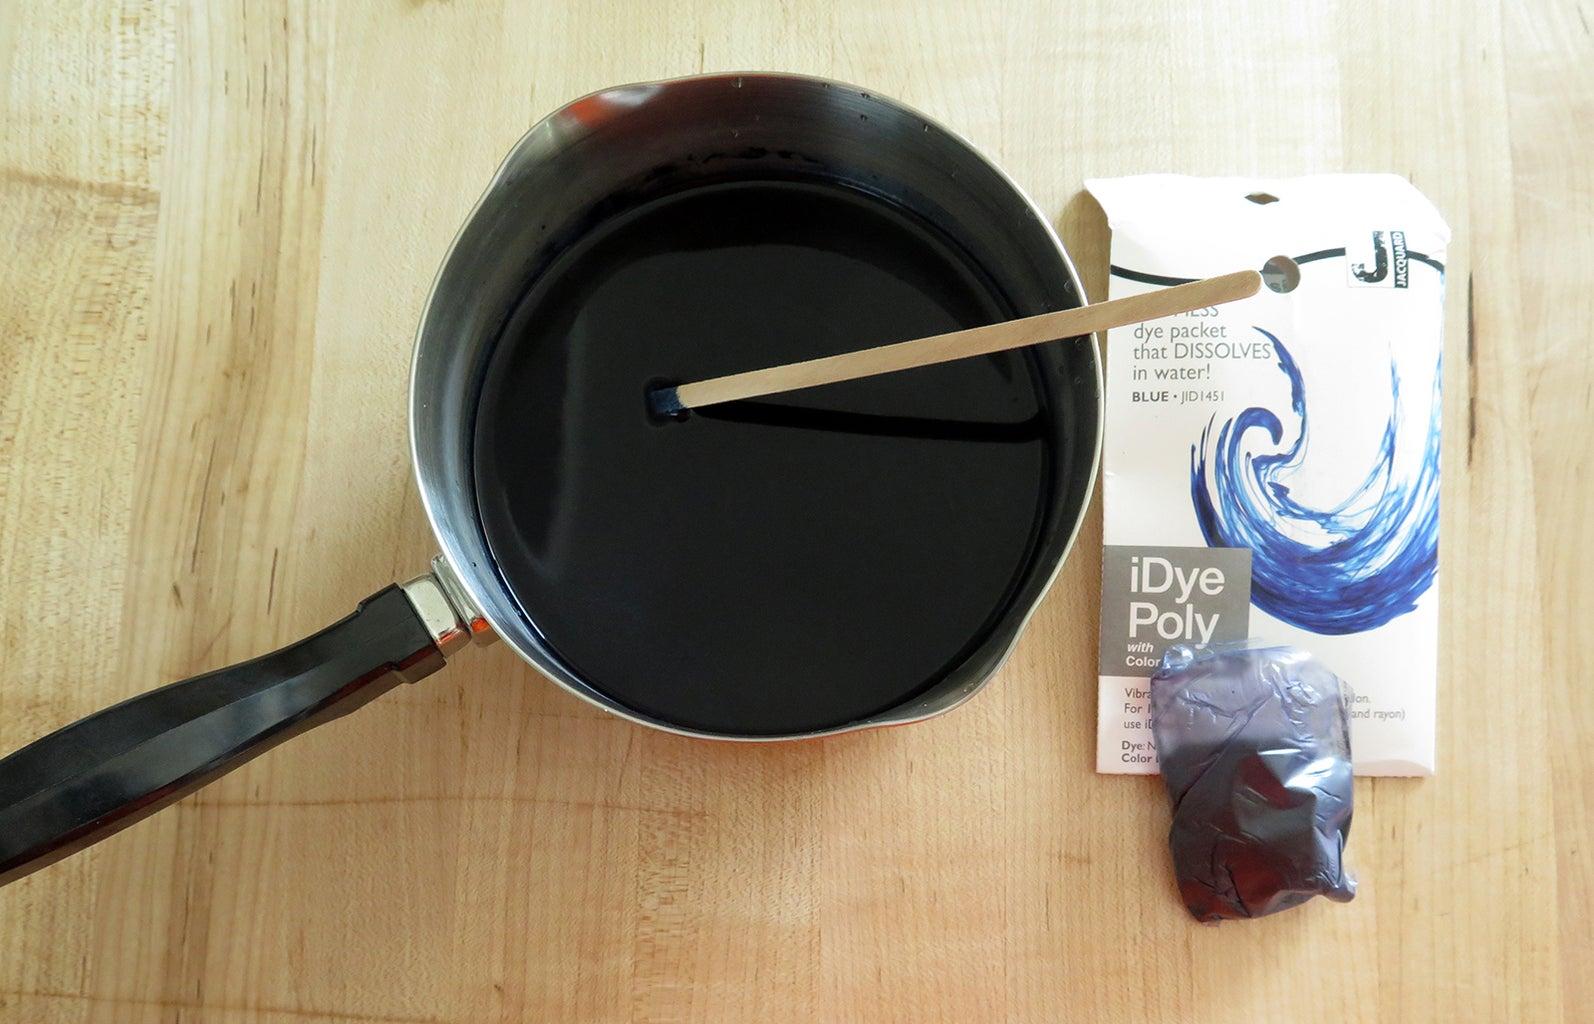 Boil in Dye Solution